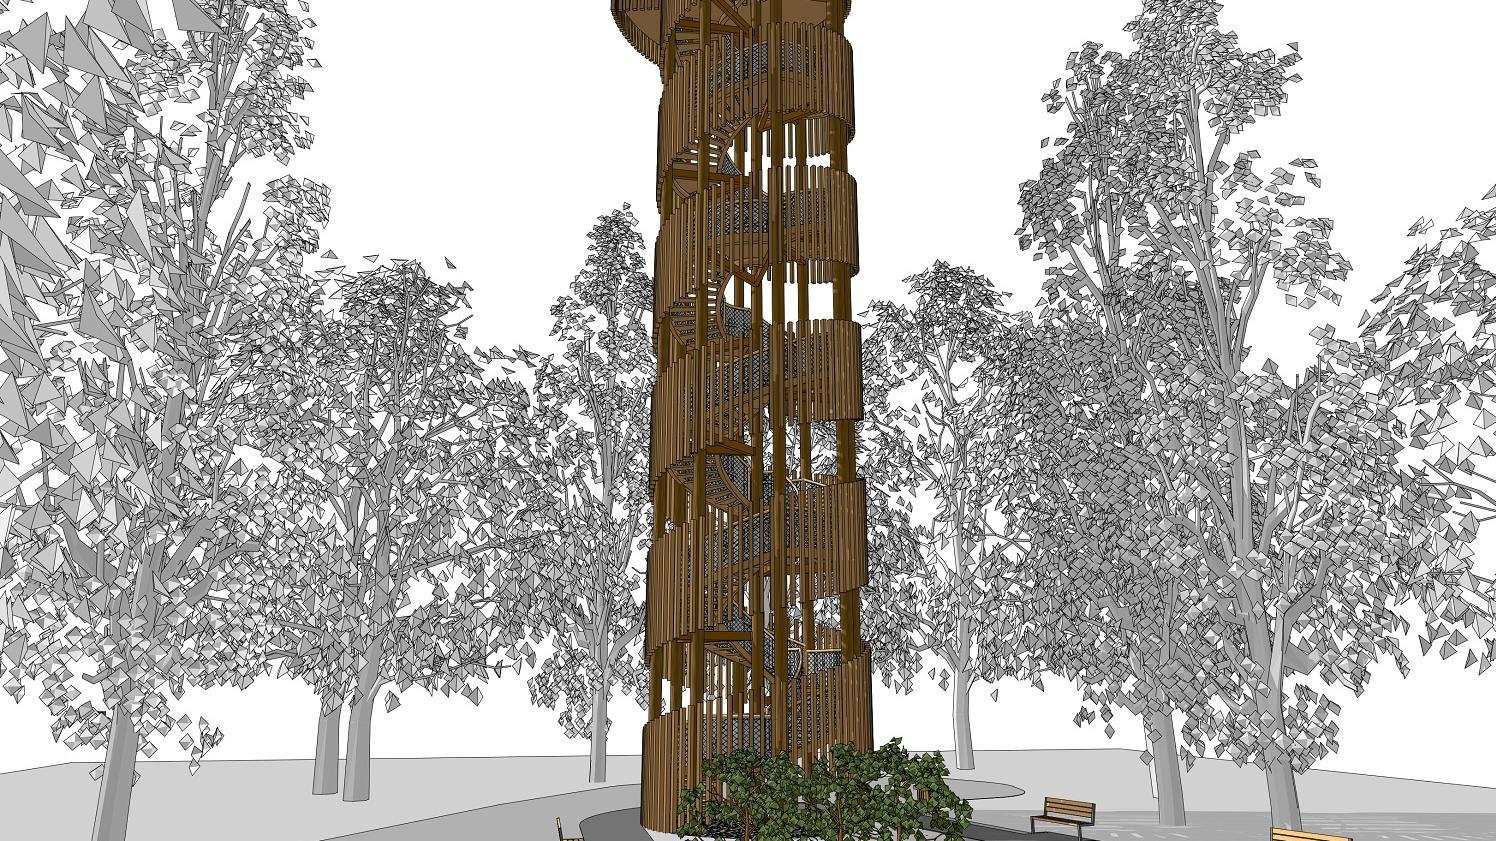 antoninek wieża projekt - Urząd Miasta Poznania